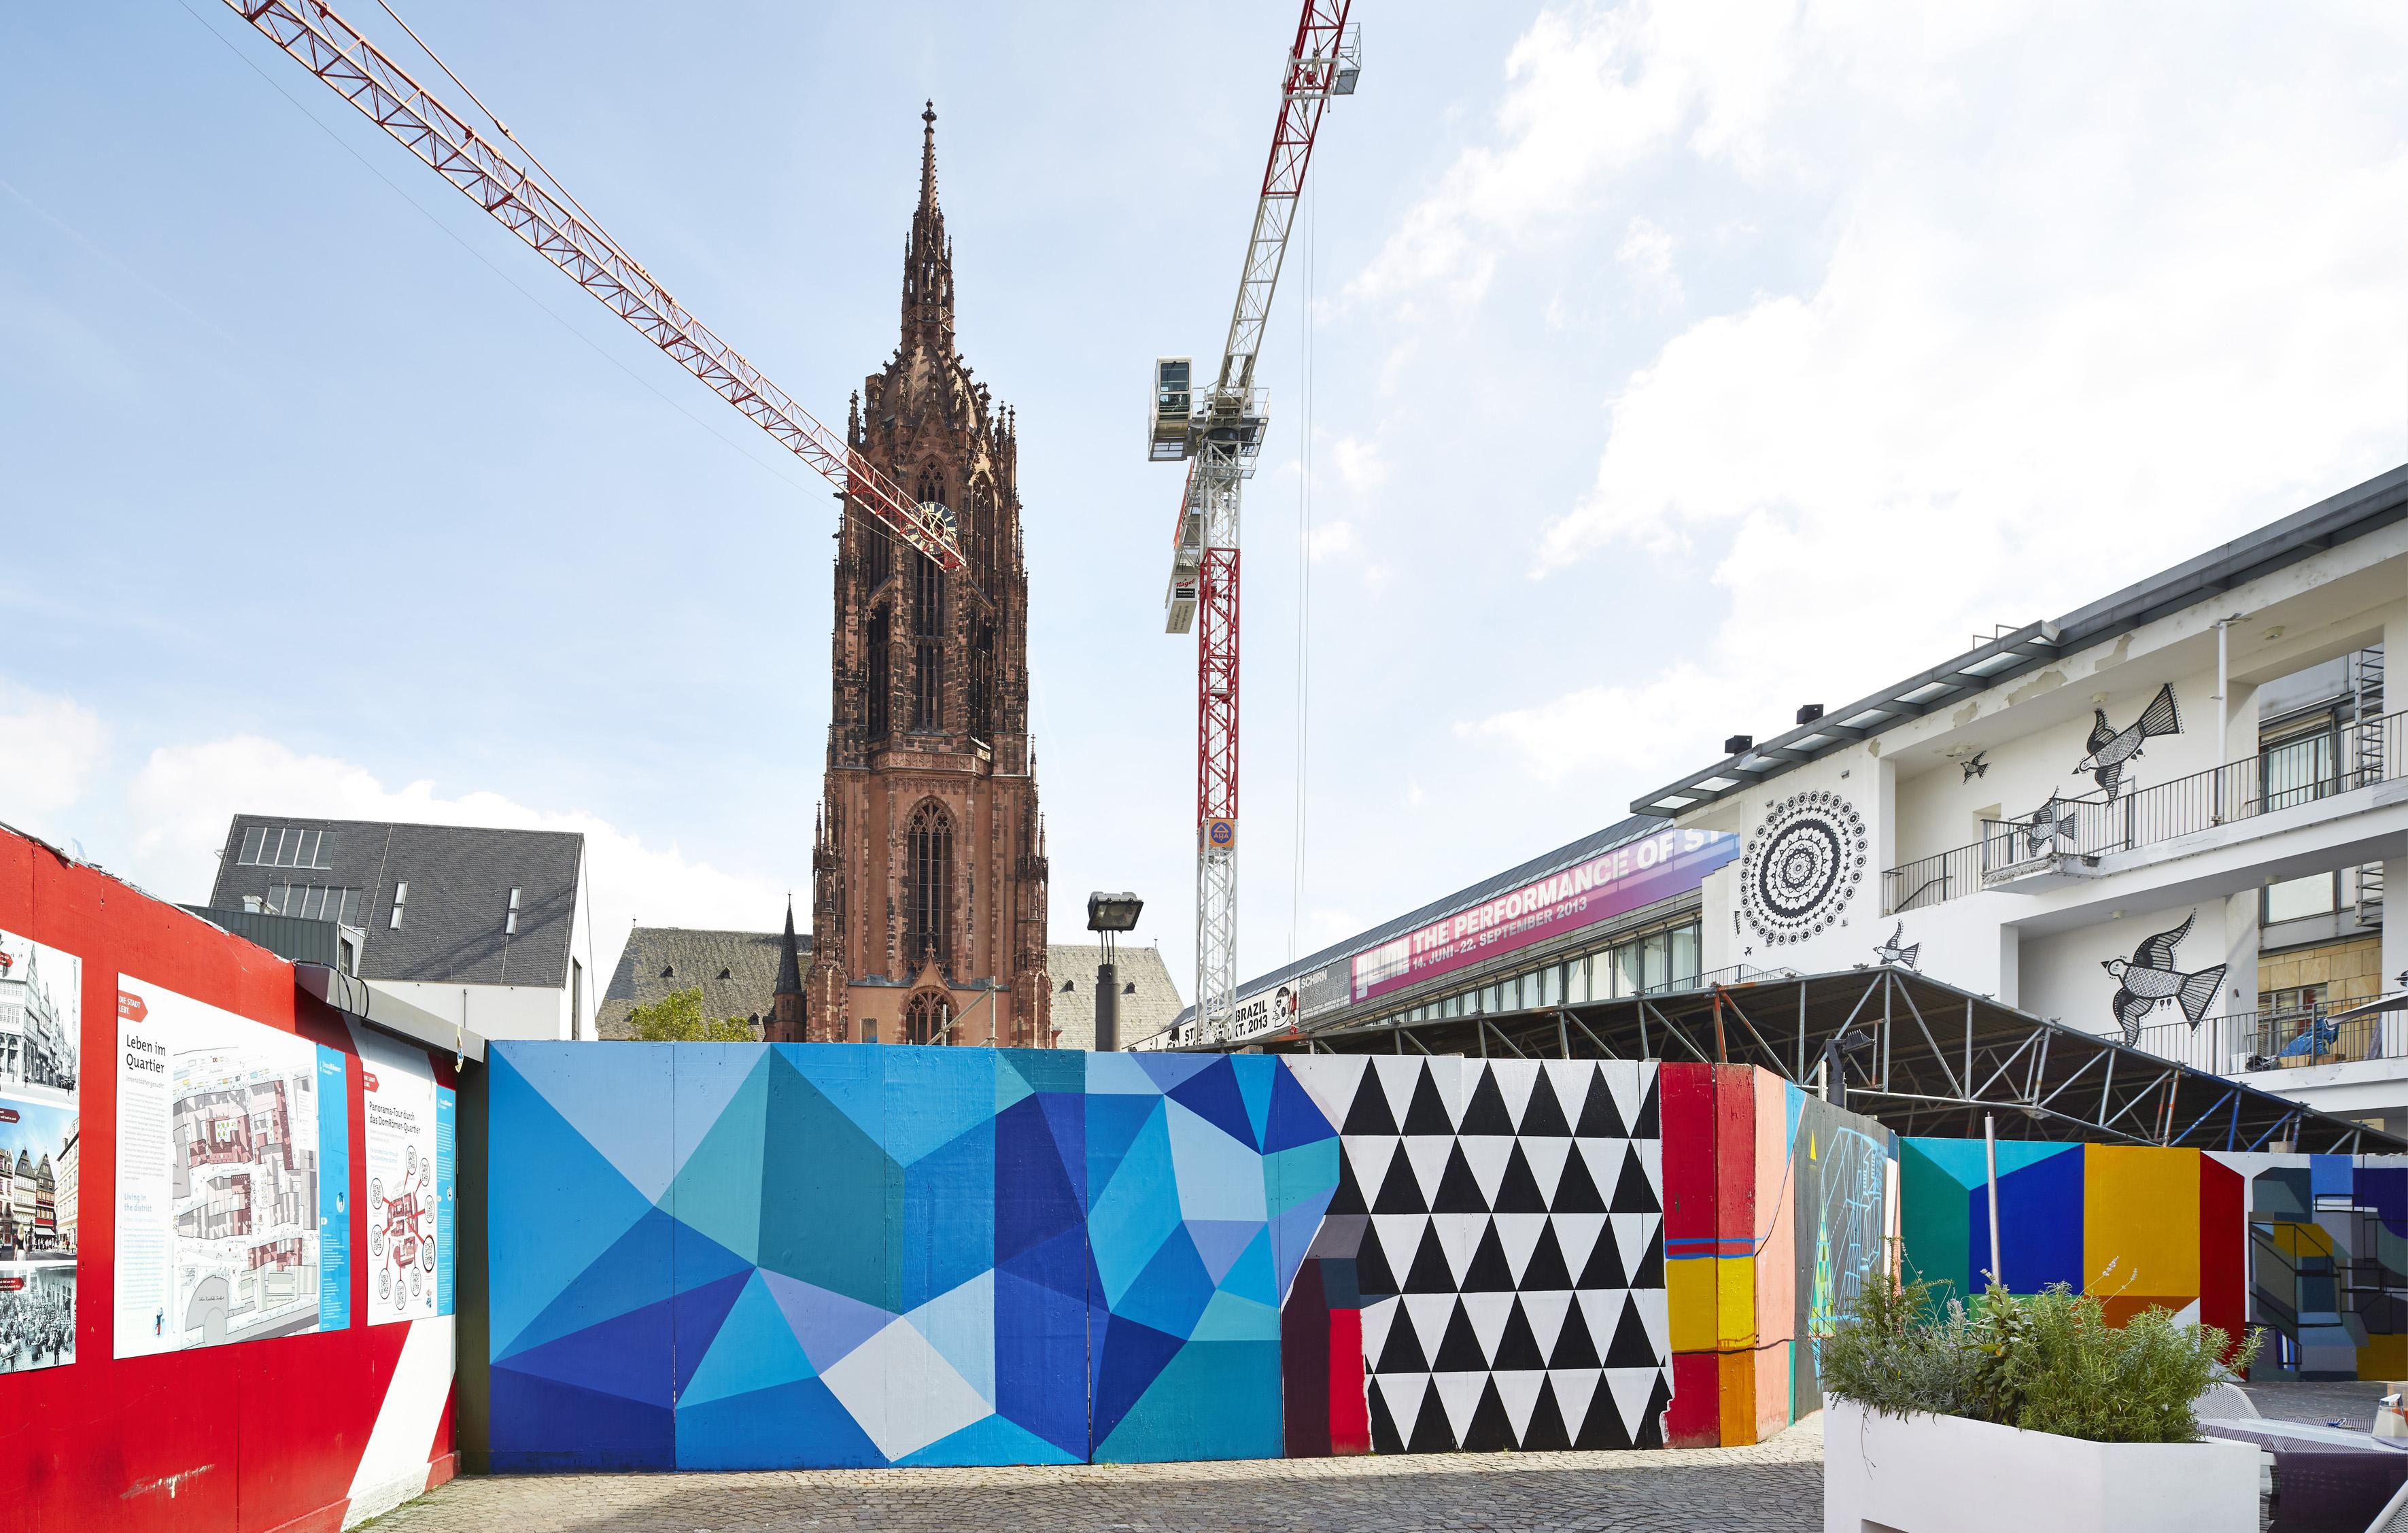 street art brazil schirn kunsthalle frankfurt. Black Bedroom Furniture Sets. Home Design Ideas